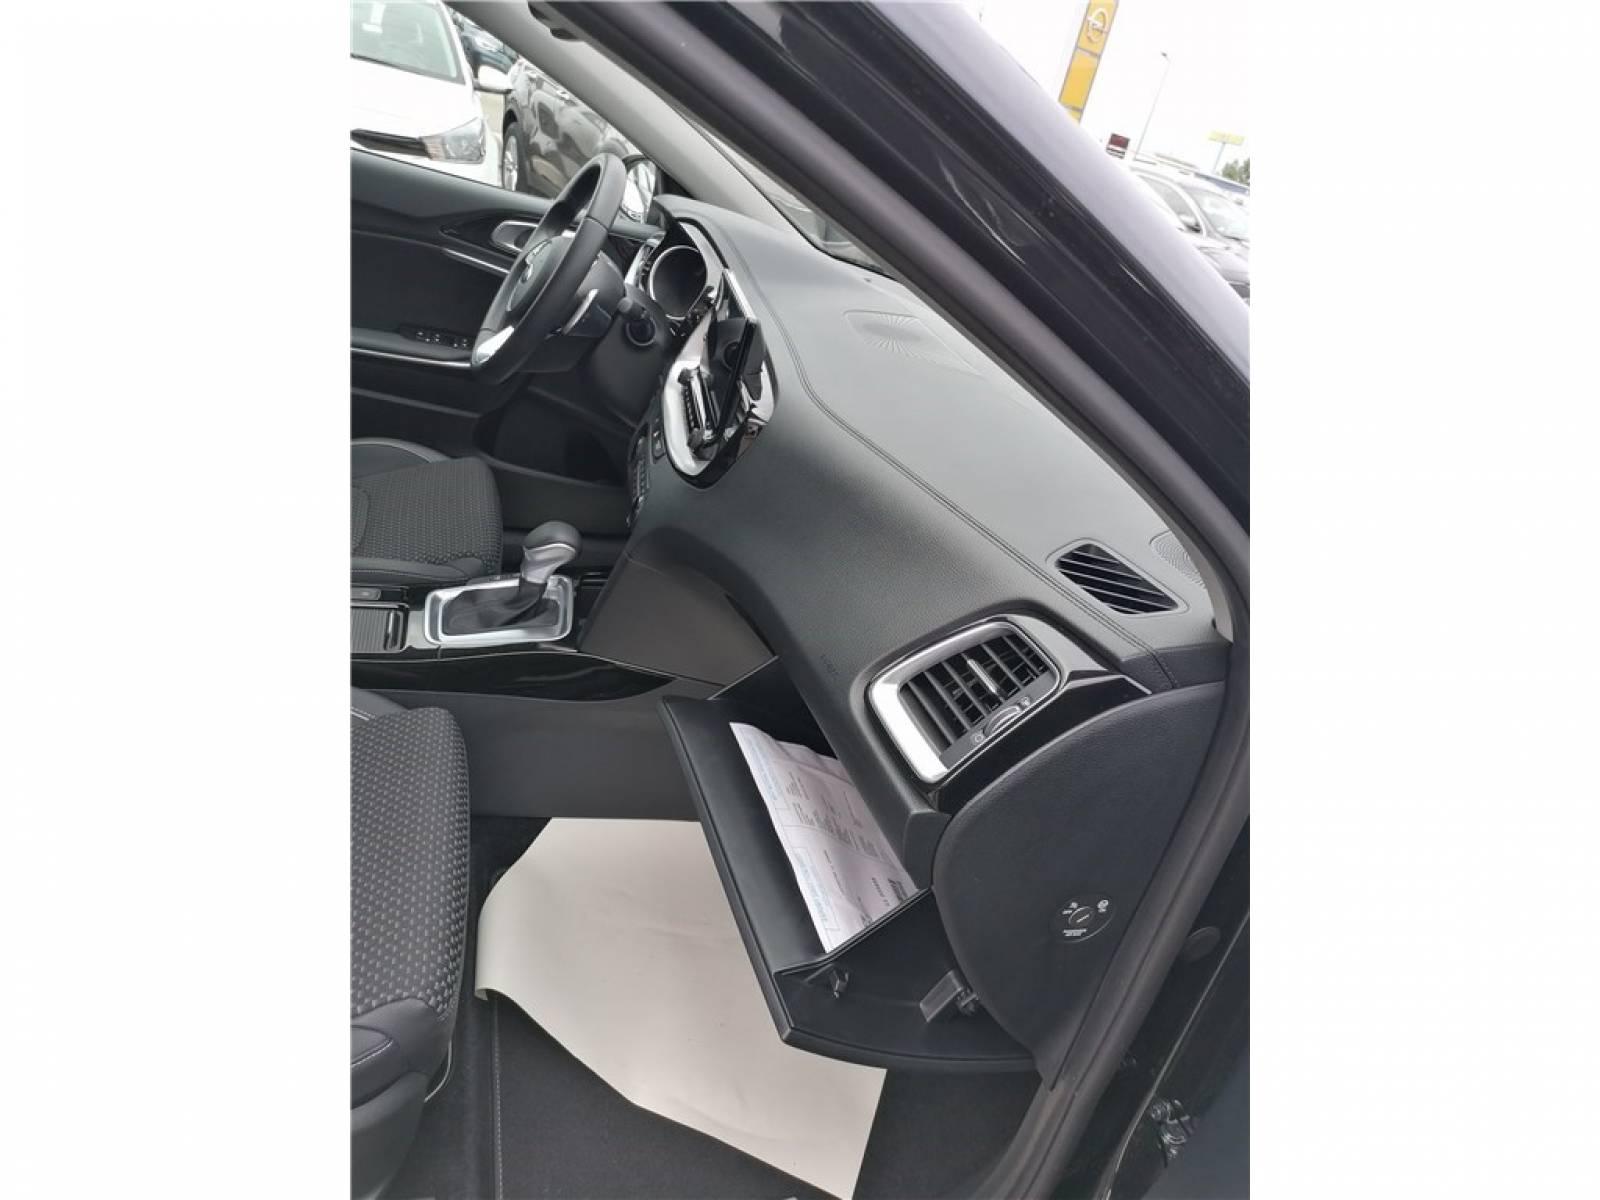 KIA XCeed 1.6l CRDi 136 ch DCT7 ISG - véhicule d'occasion - Groupe Guillet - Hall de l'automobile - Chalon sur Saône - 71380 - Saint-Marcel - 36